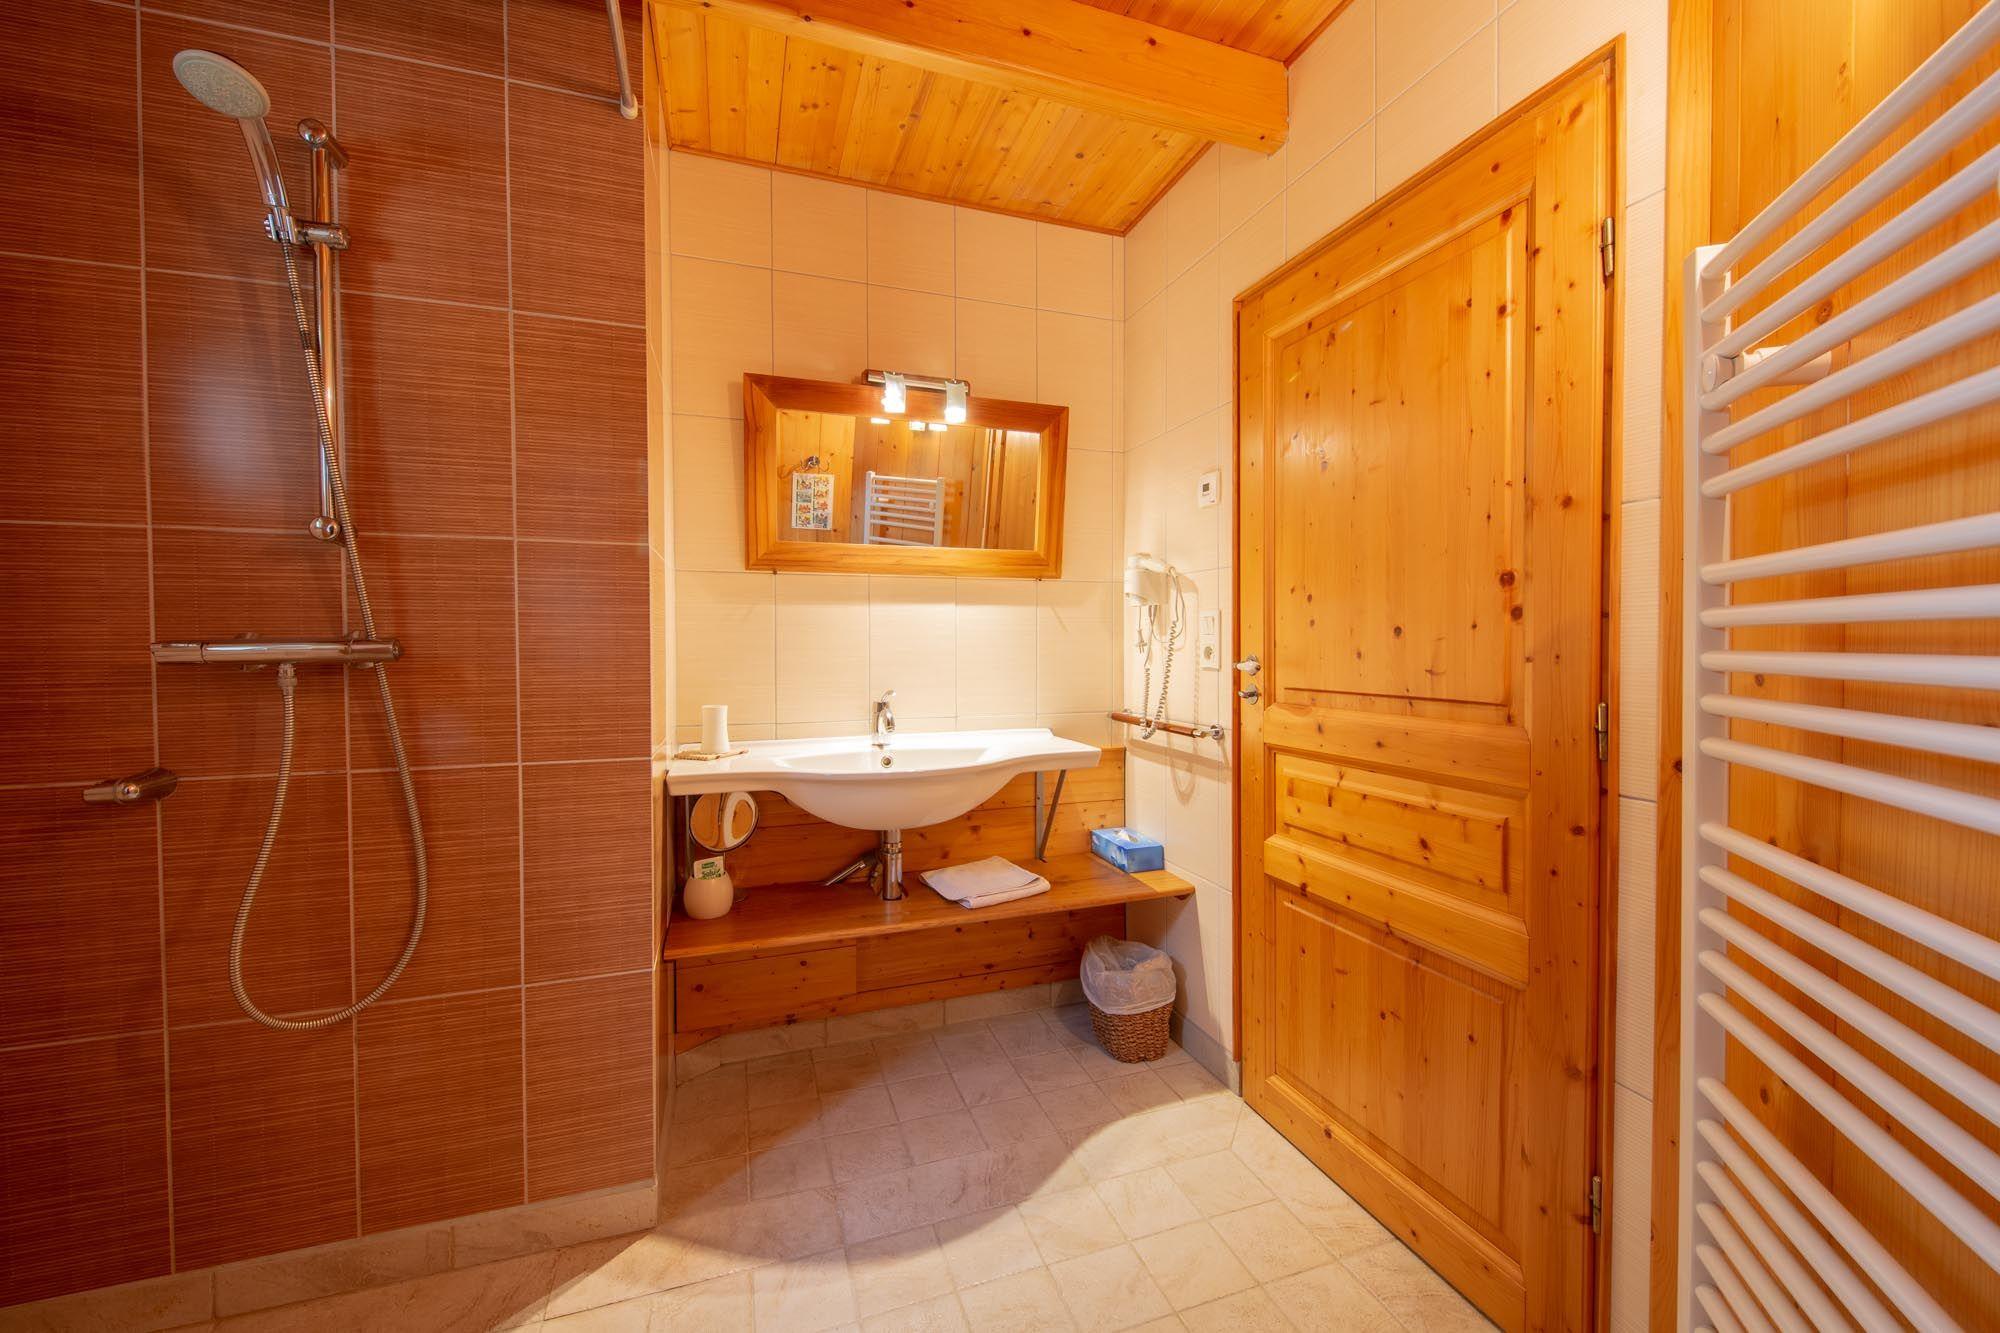 Salle d'eau, avec douche à l'italienne.